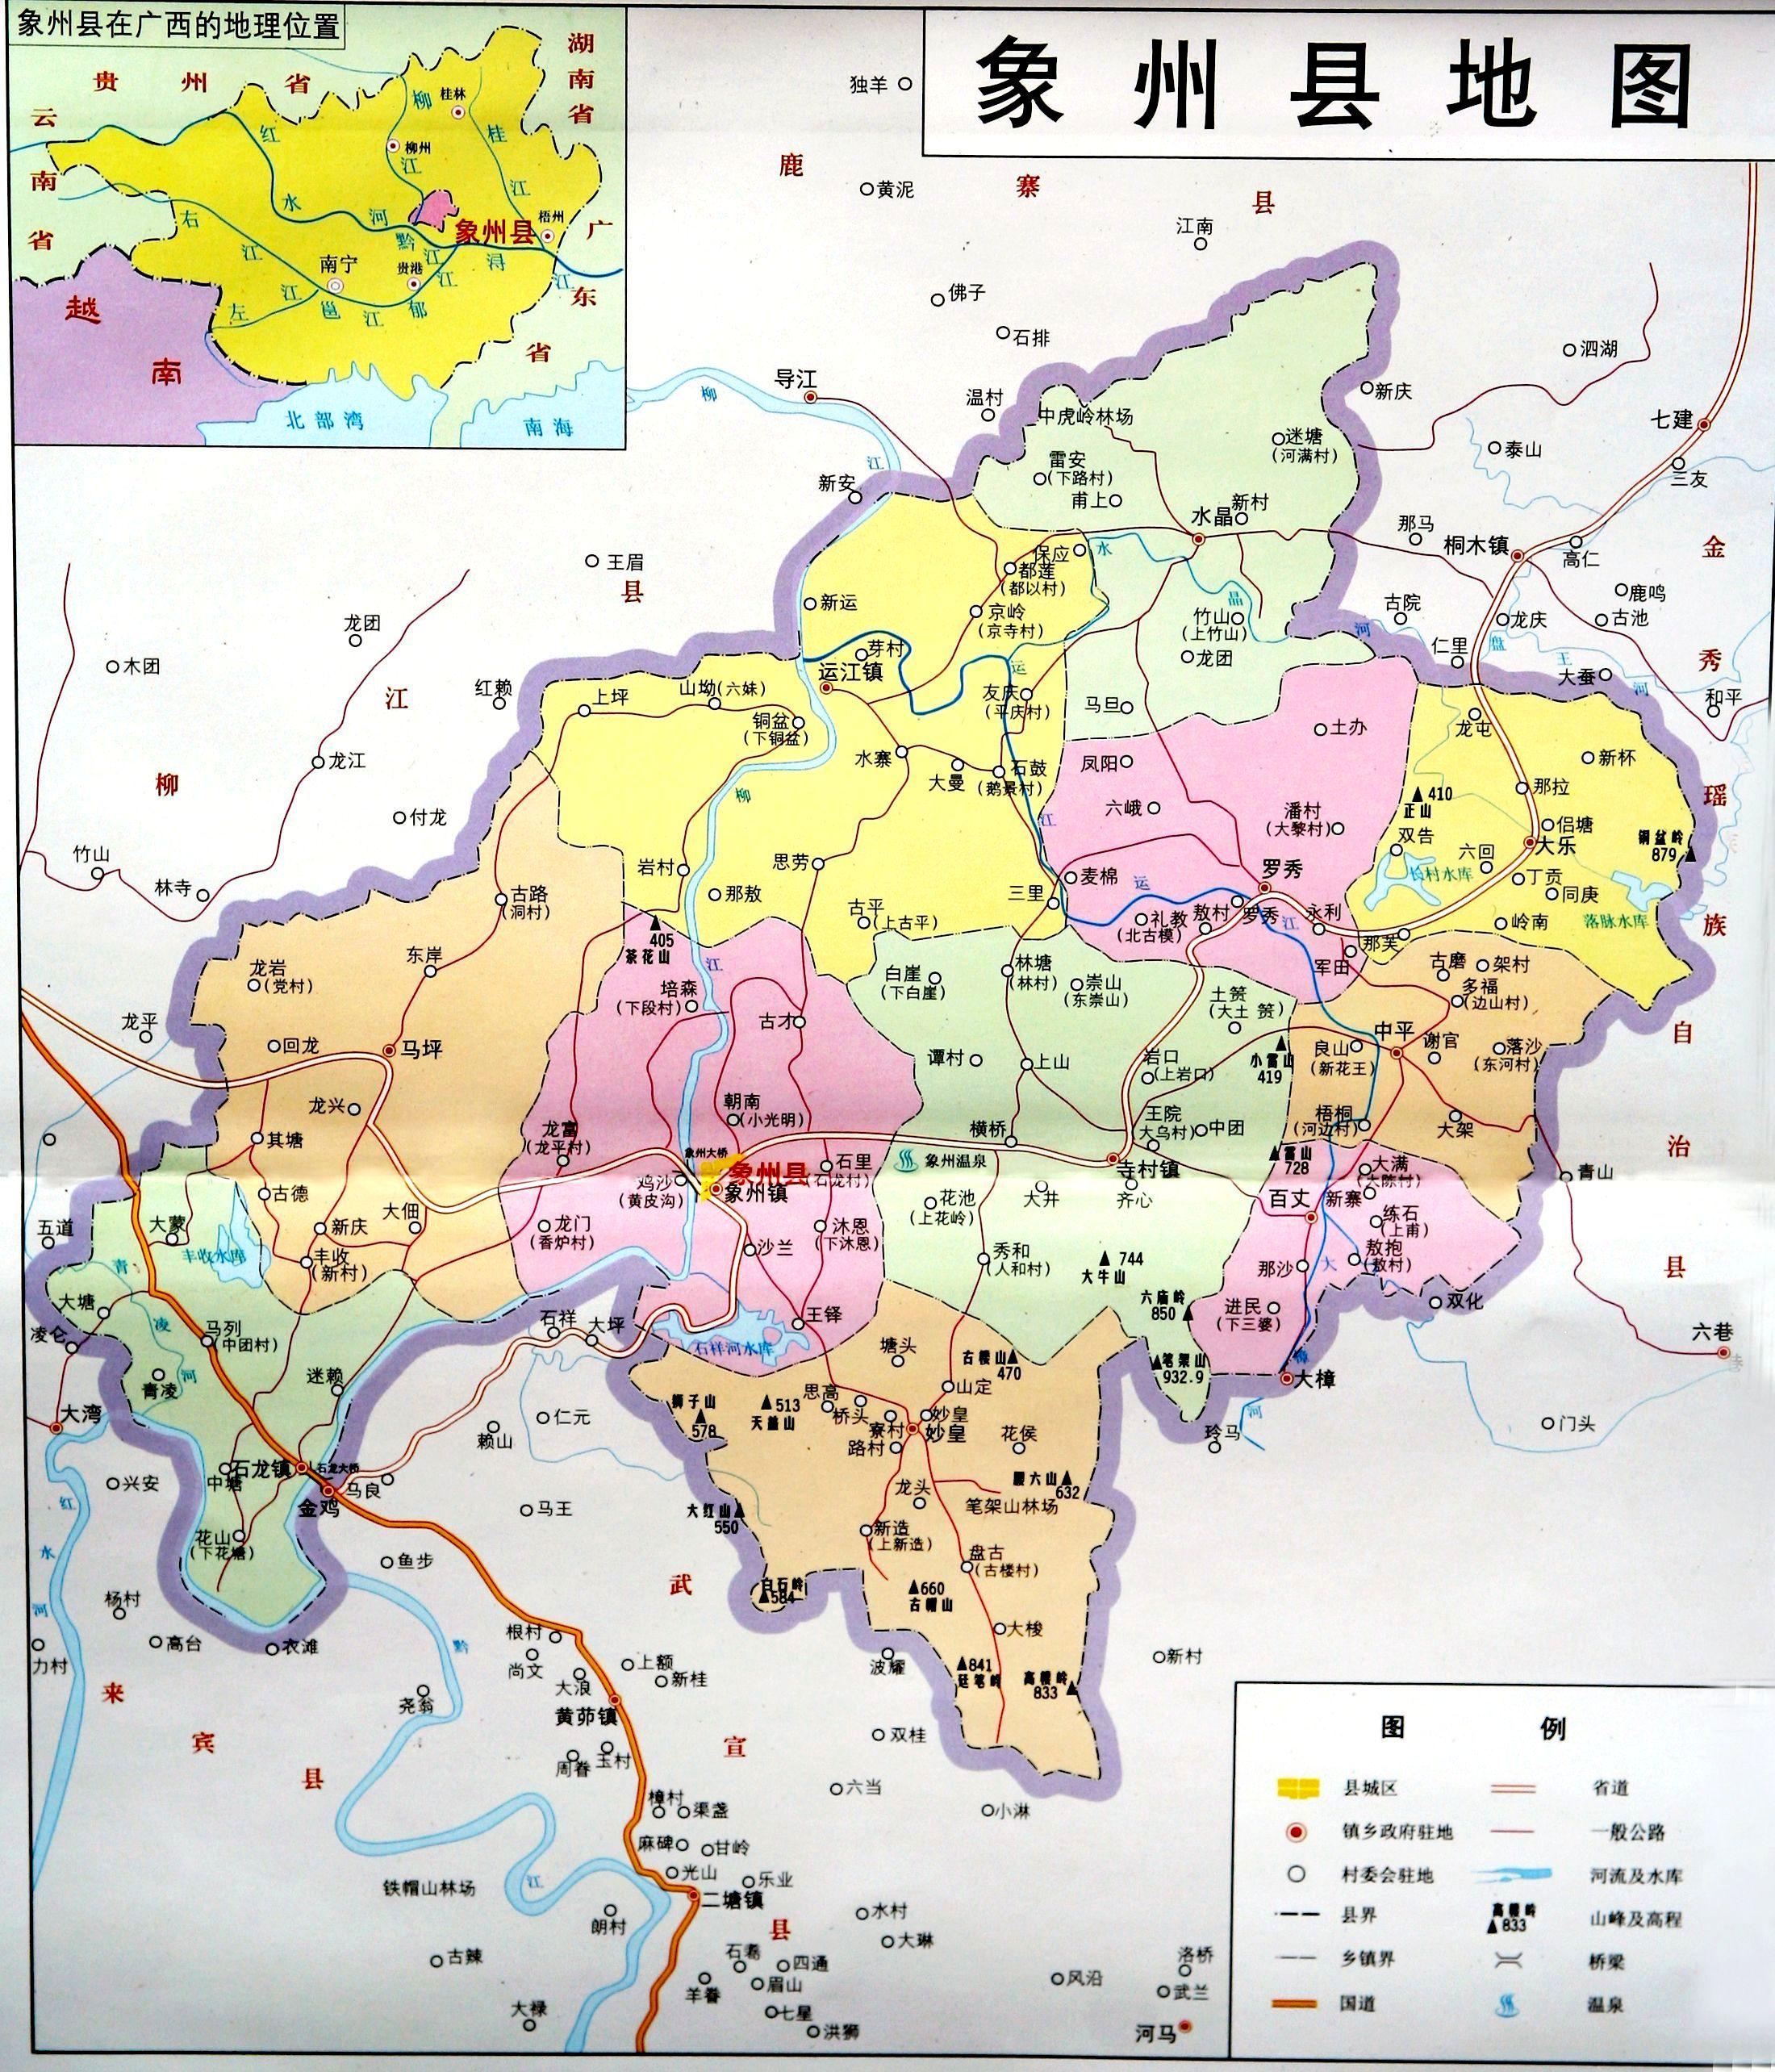 象州县地图